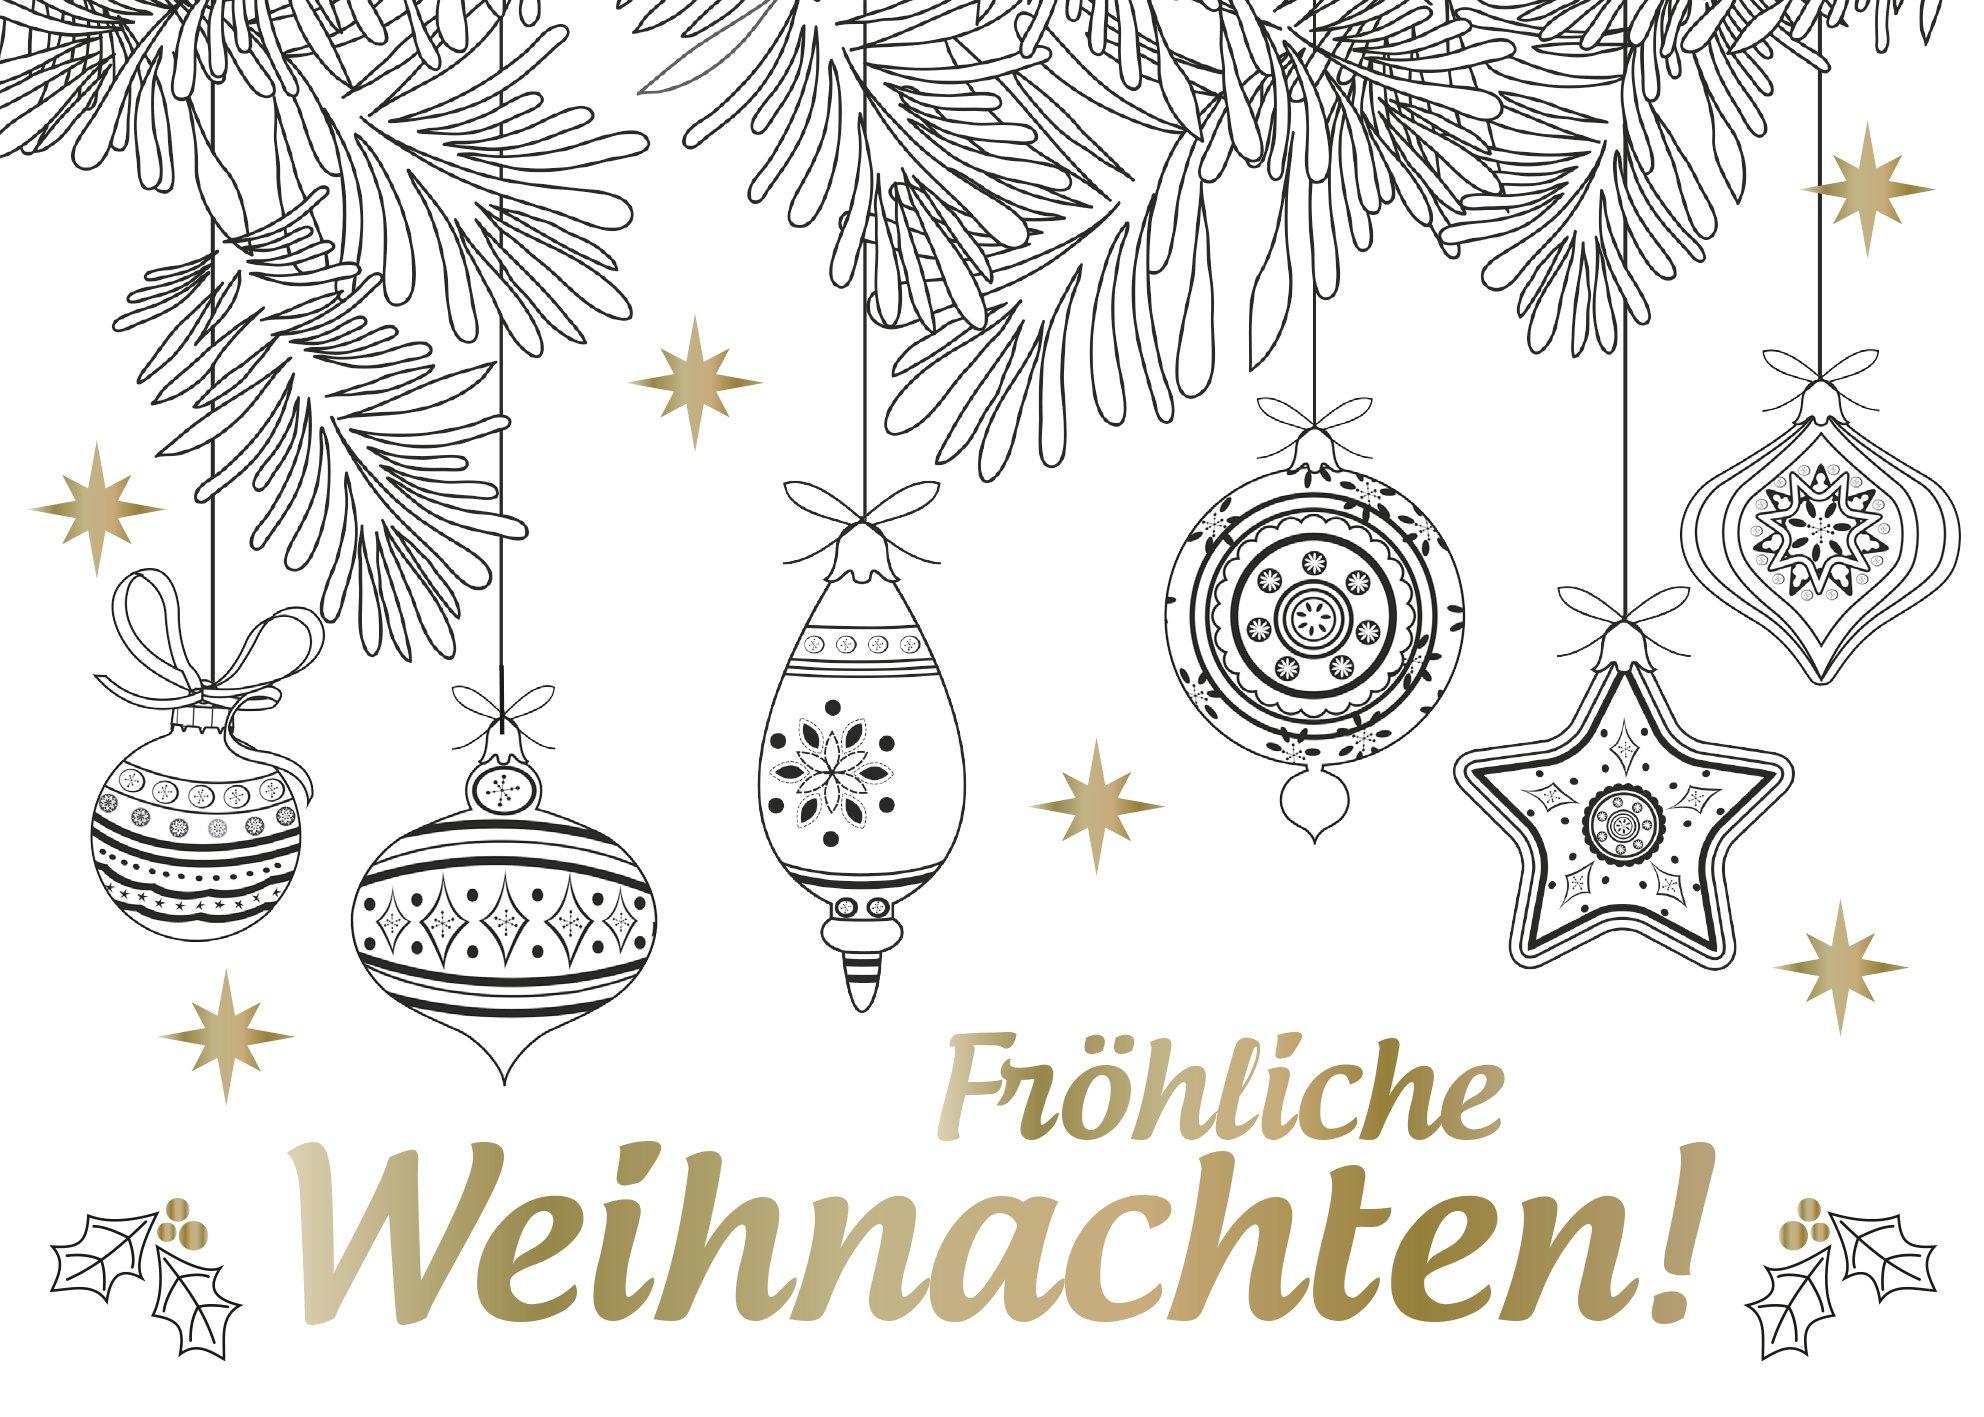 Frohe Weihnachten Schriftzug Zum Ausmalen.Weihnachtszauber Edle Postkarten Zum Ausmalen Malprodukte Für